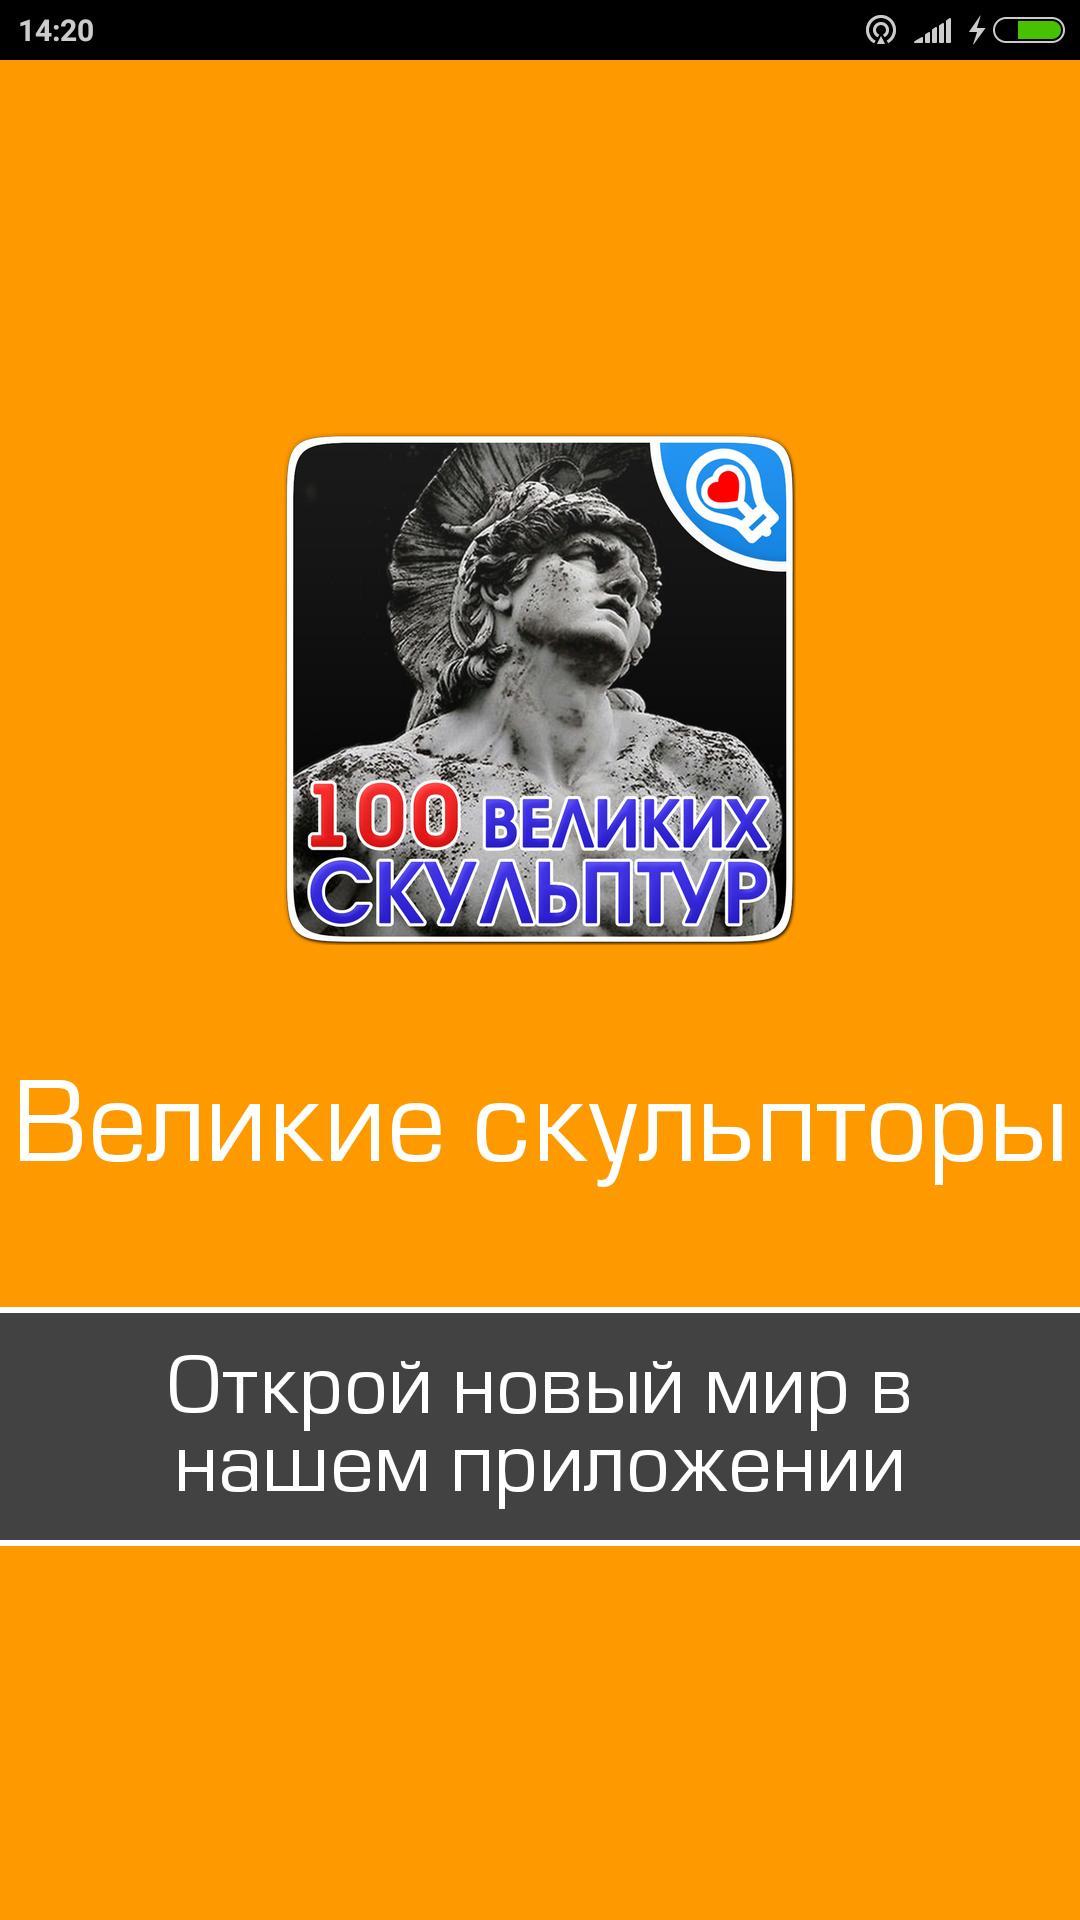 100 великих памятников poster